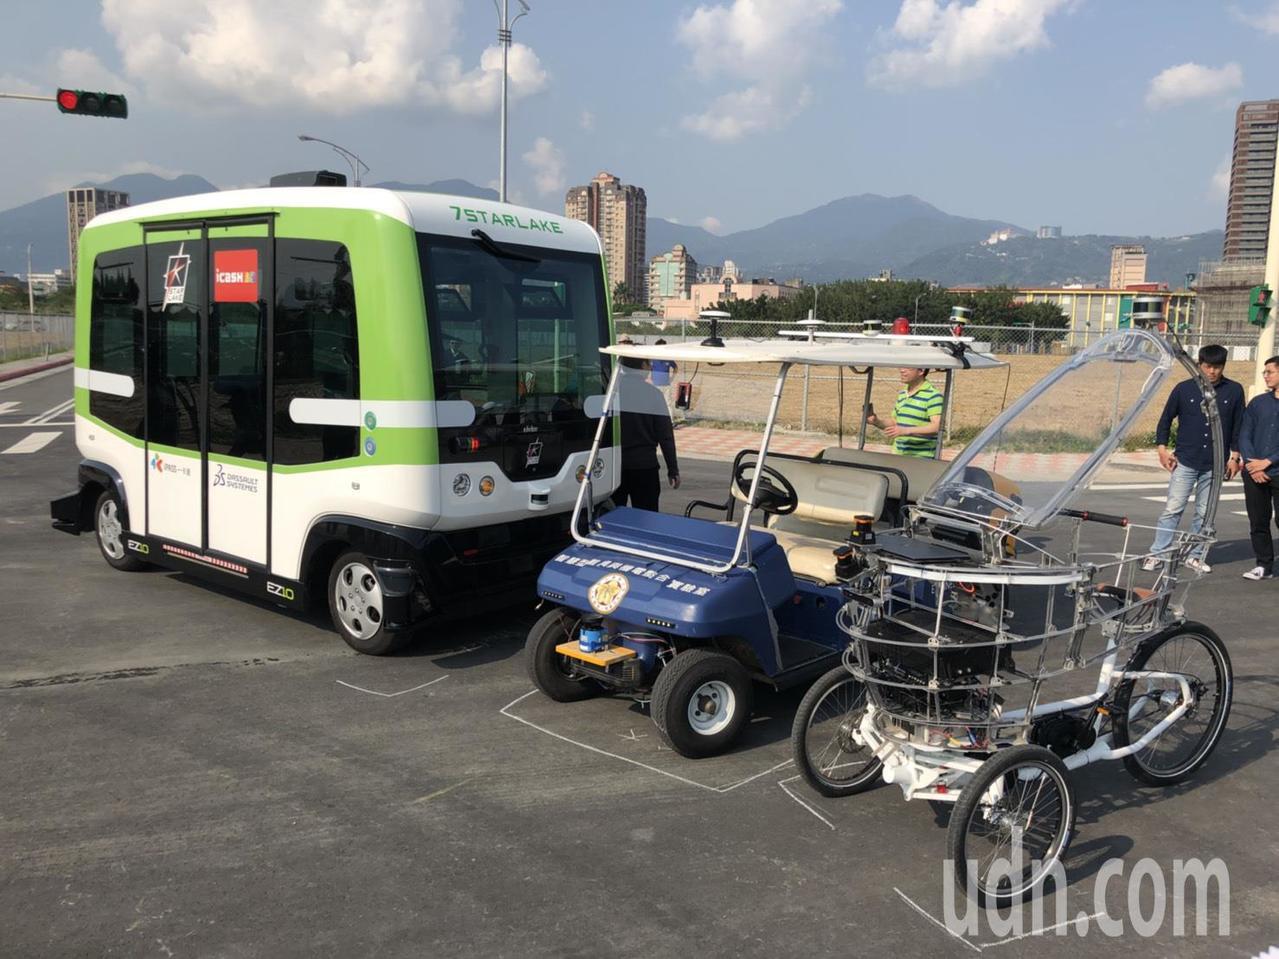 除了無人小巴外,今天曝光的還有台大設計的無人高爾夫球車,以及北科大設計的PEV自...